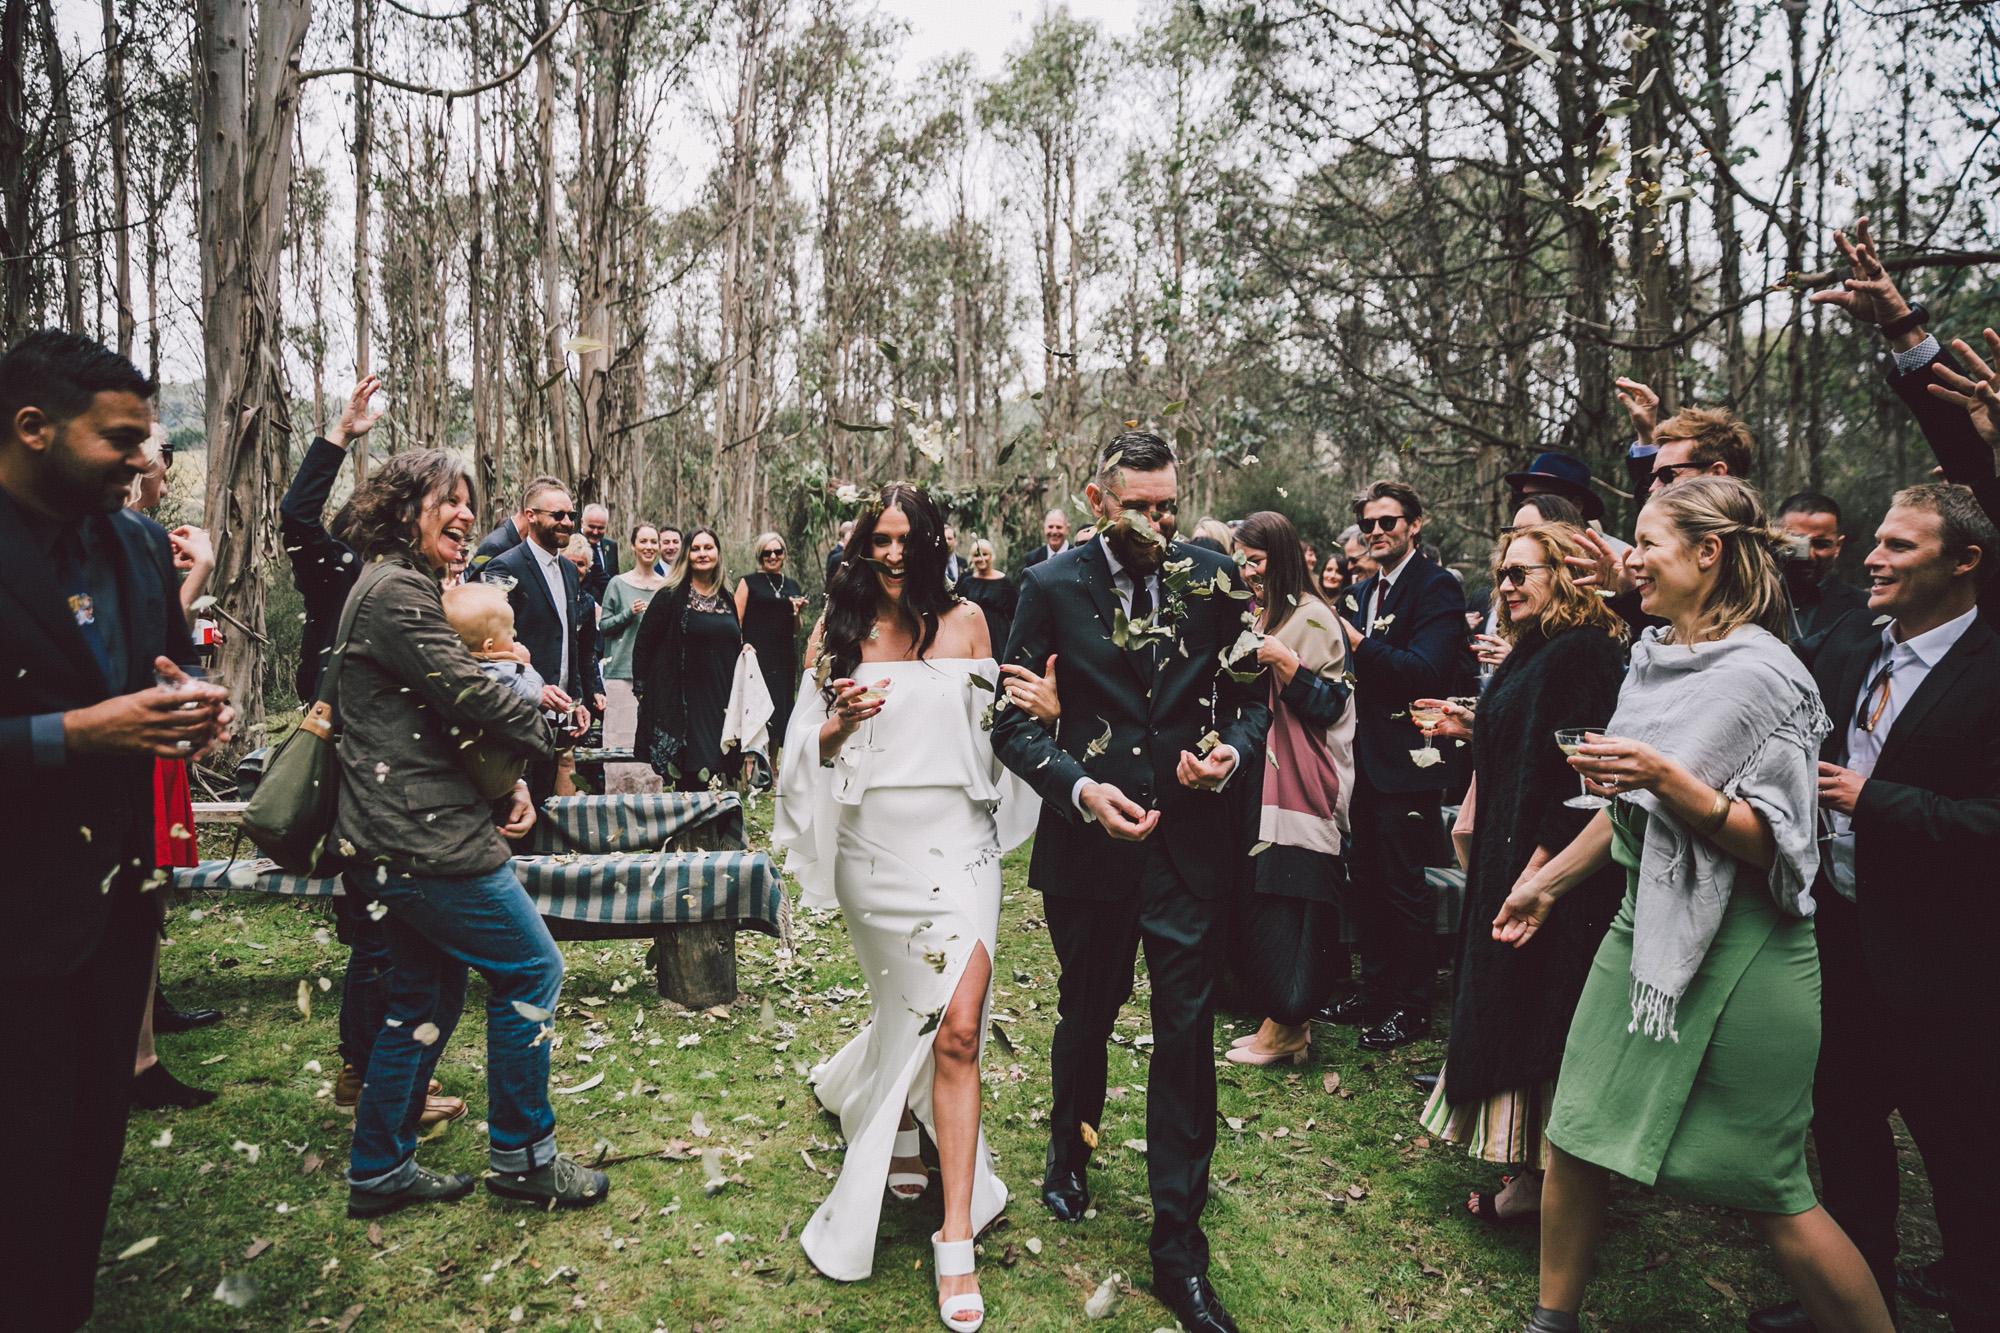 Poronui_Wedding_Sarah_McEvoy_065.jpg